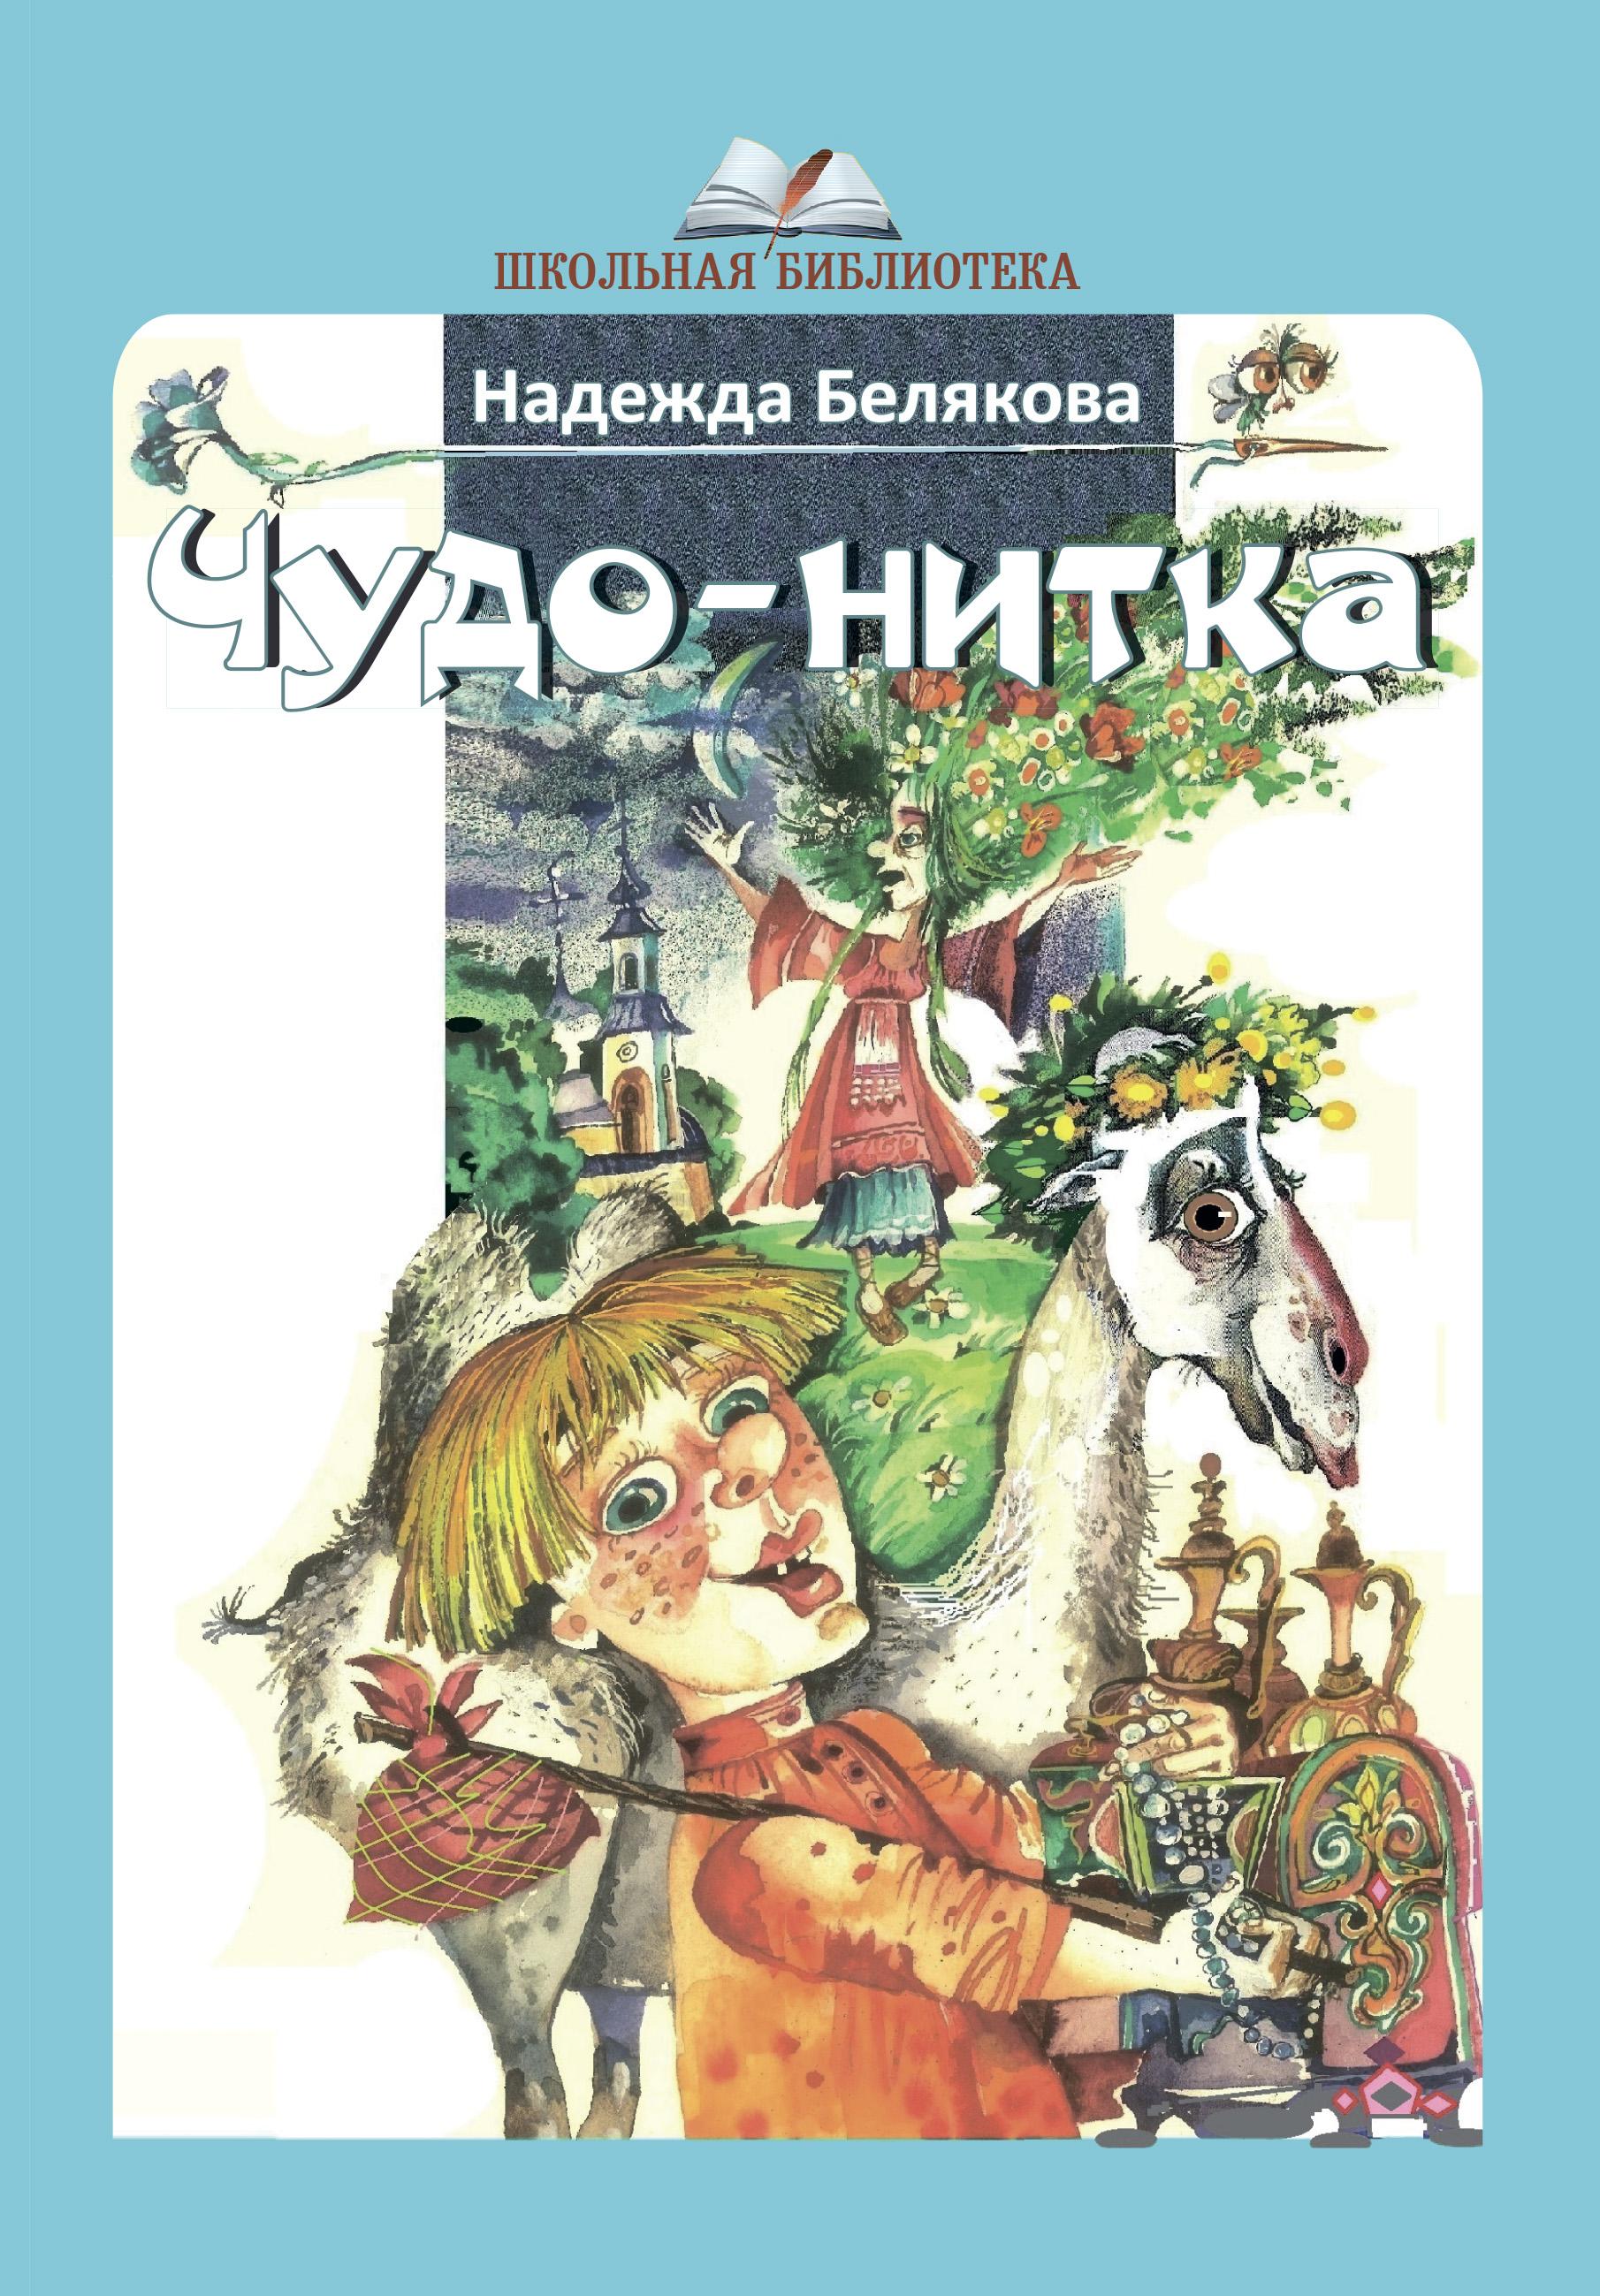 Купить книгу Чудо-нитка, автора Надежды Беляковой